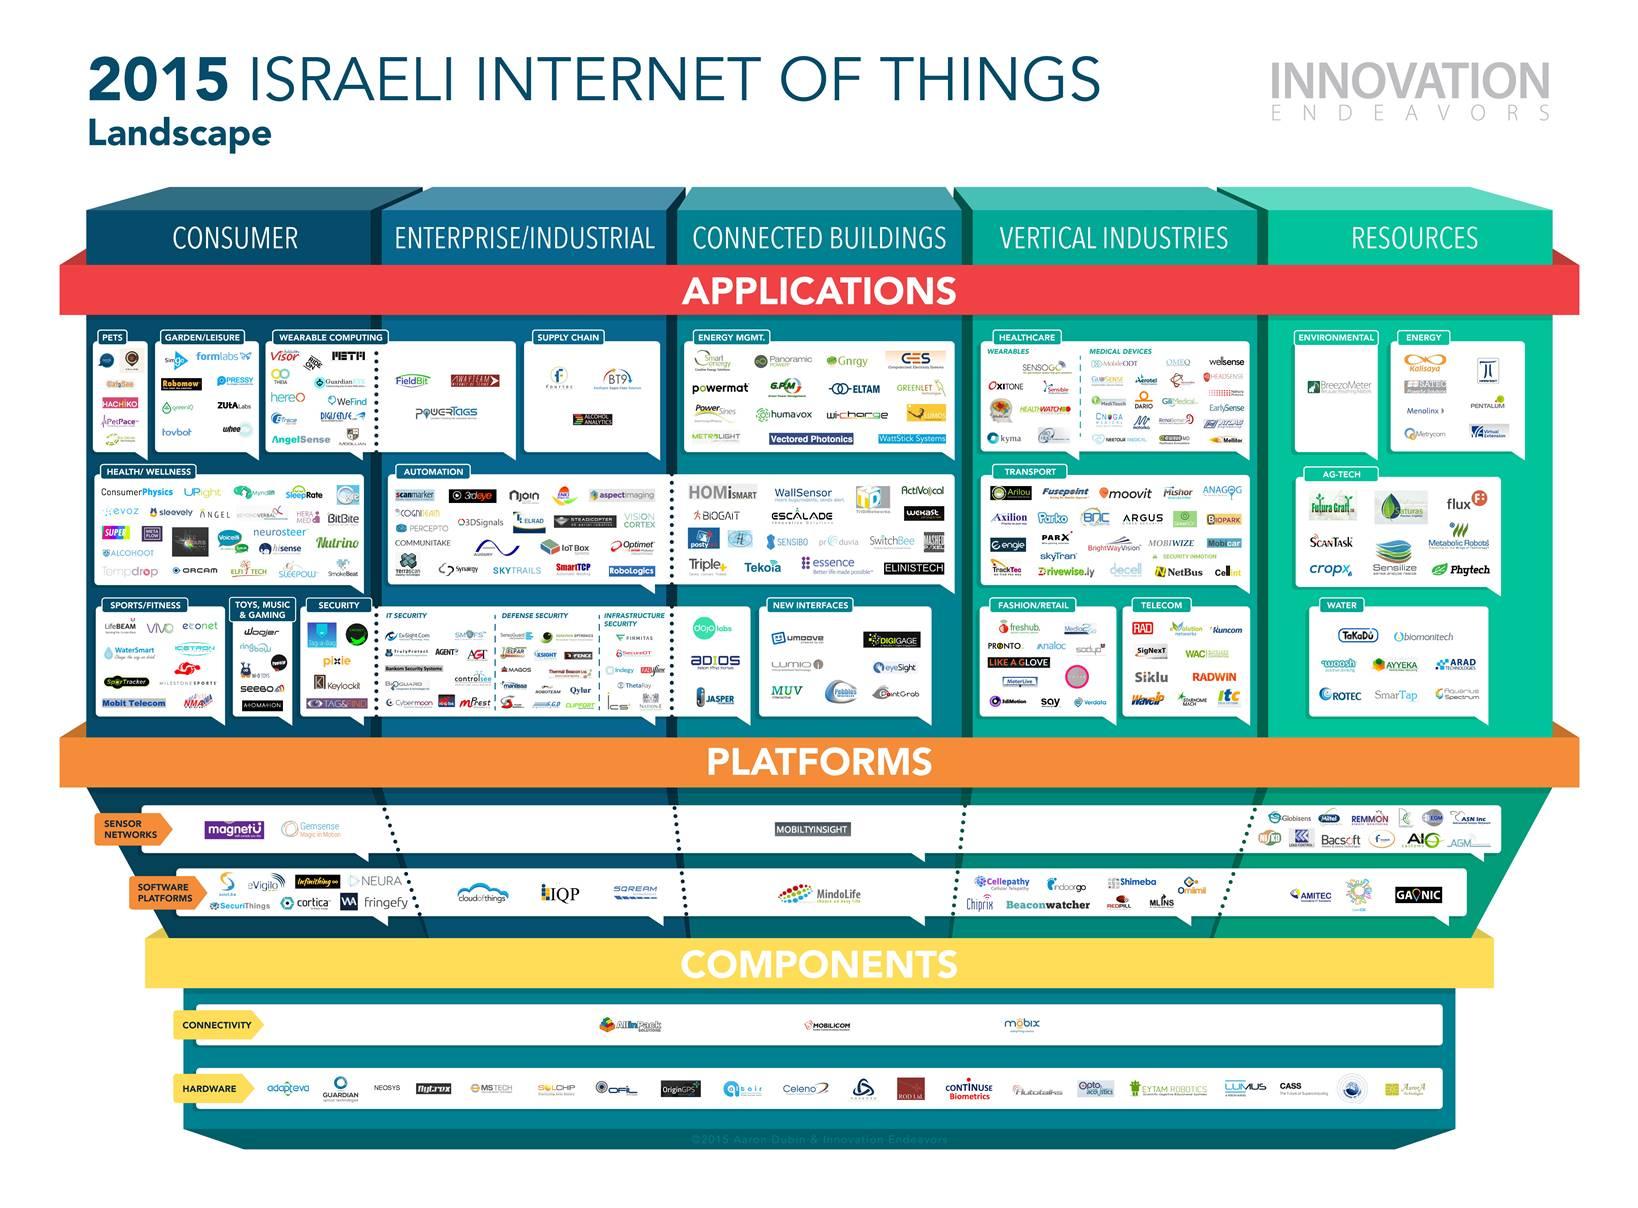 Innovation Endeavors' Israel IoT Landscape. Image courtesy